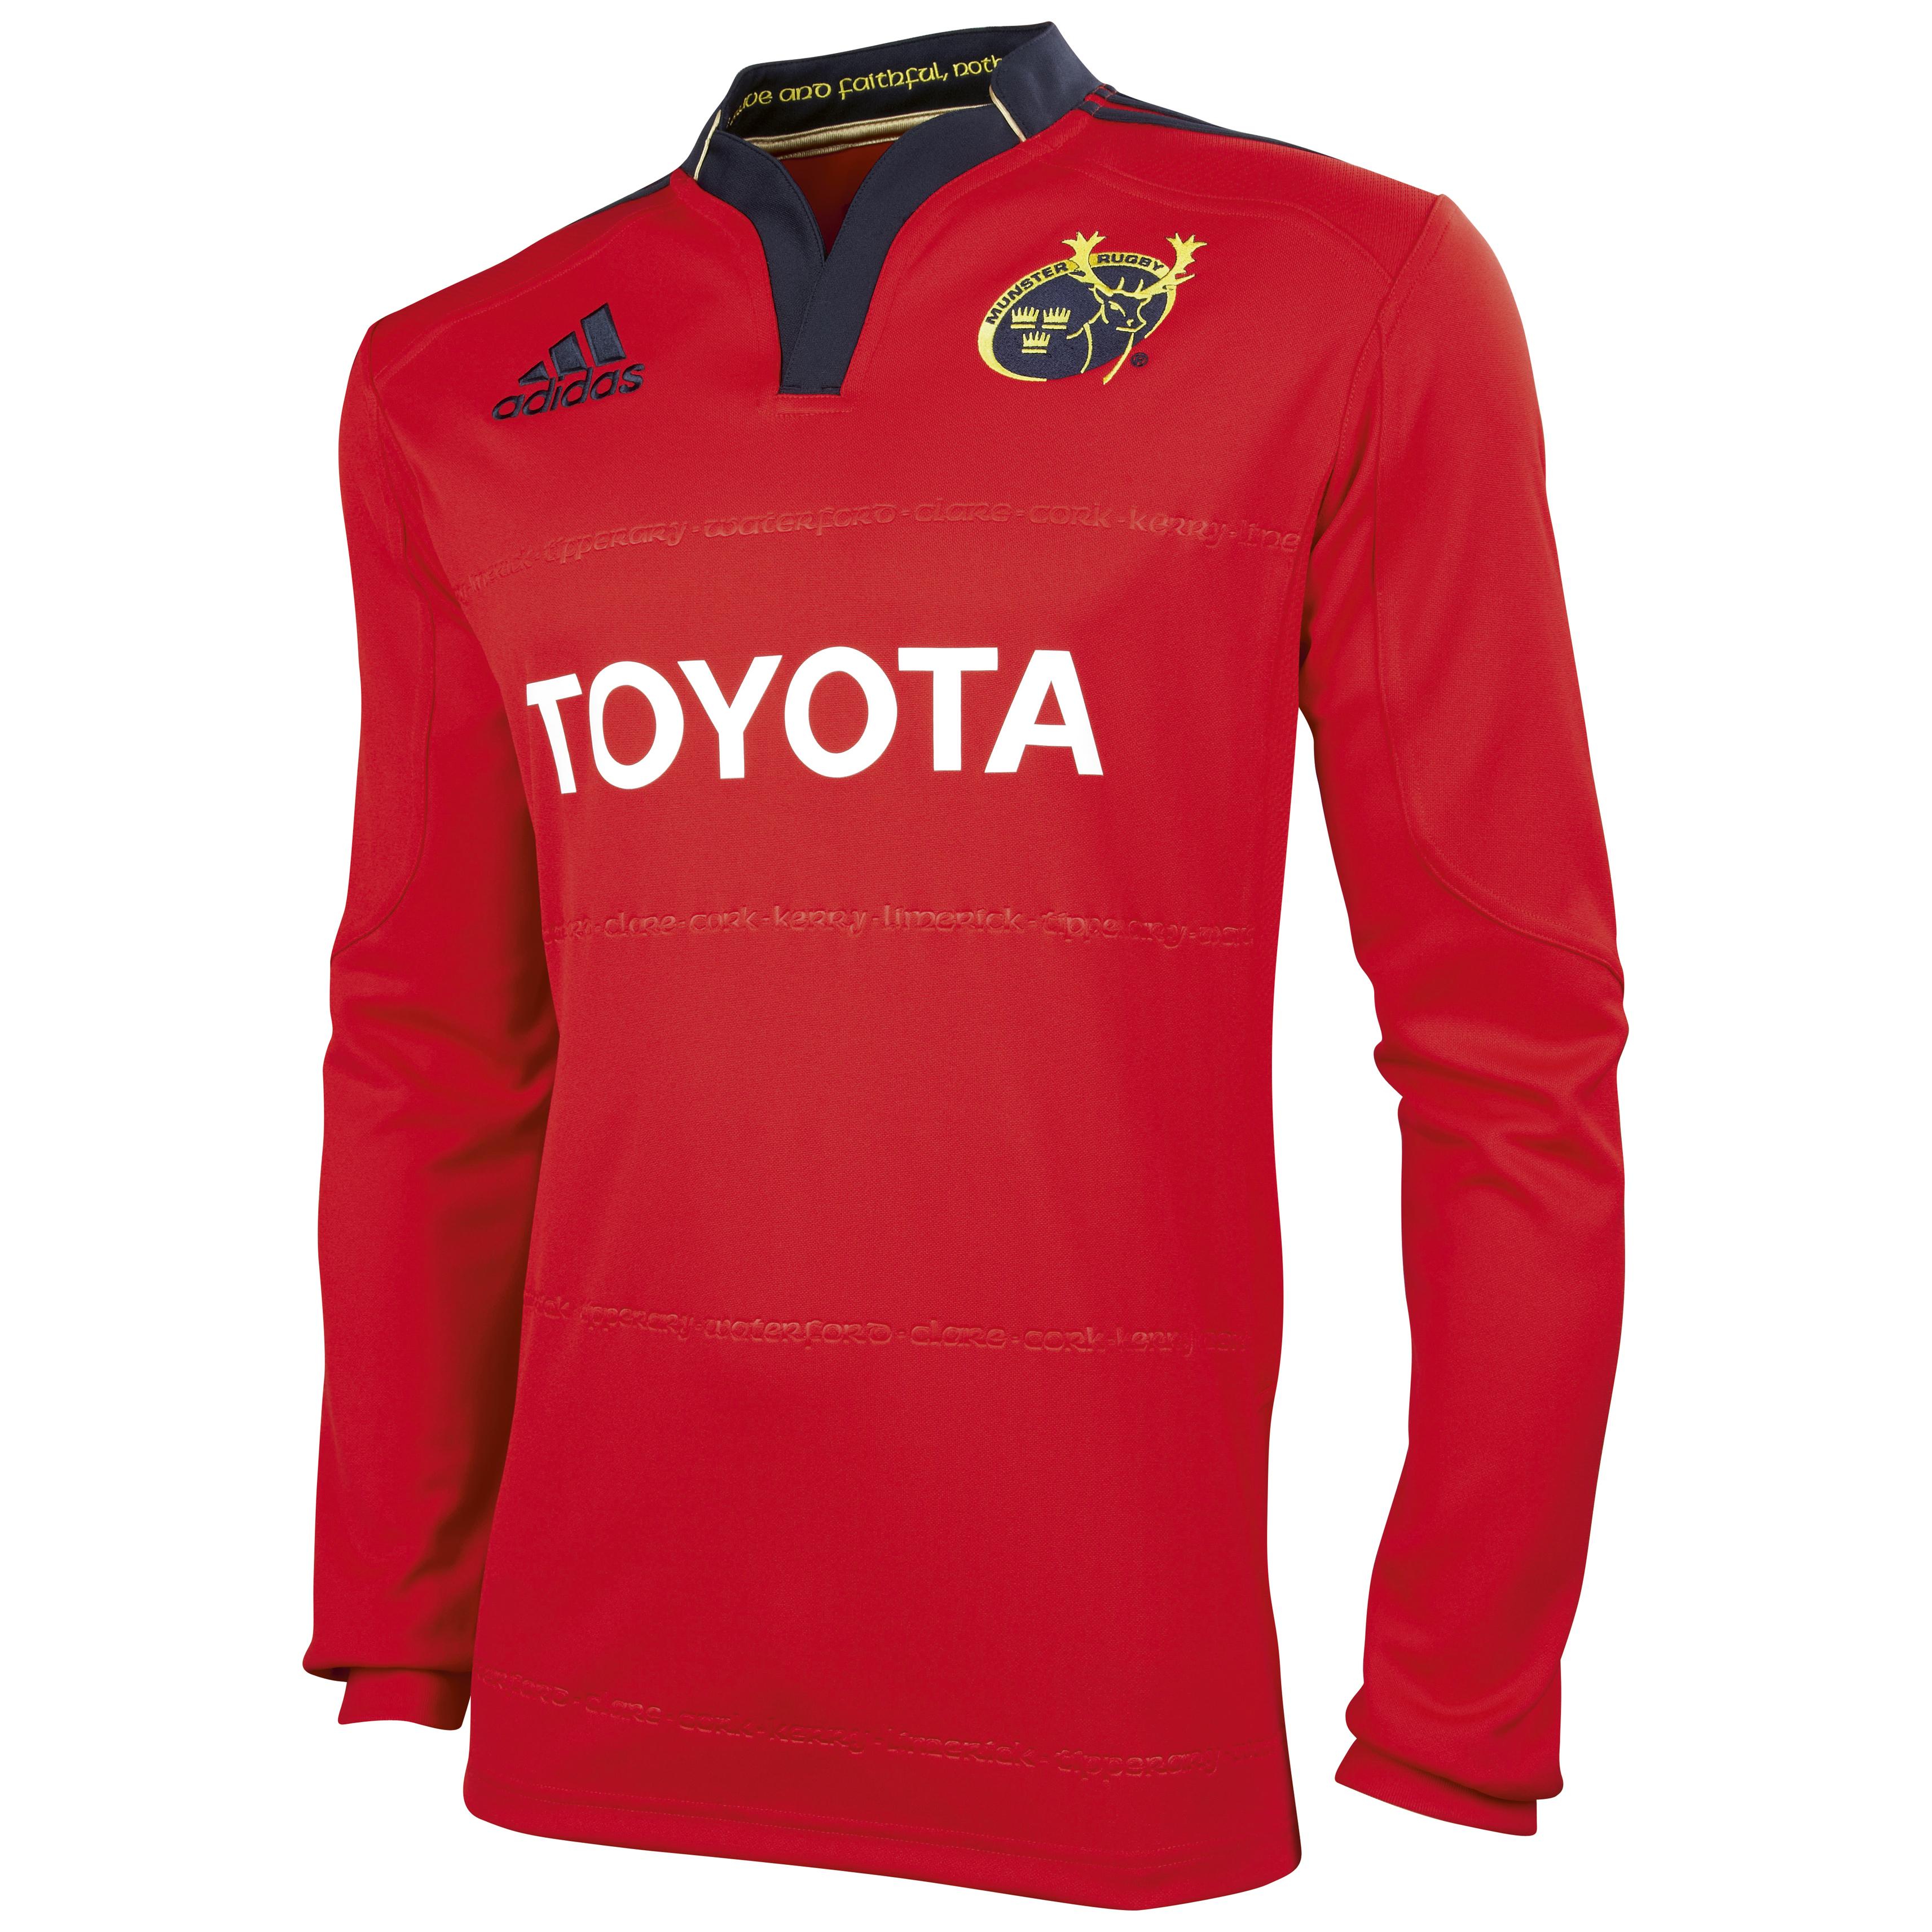 Munster Home Shirt 2011/12 - Long Sleeved - Collegiate Red/Dark Navy. for 60€